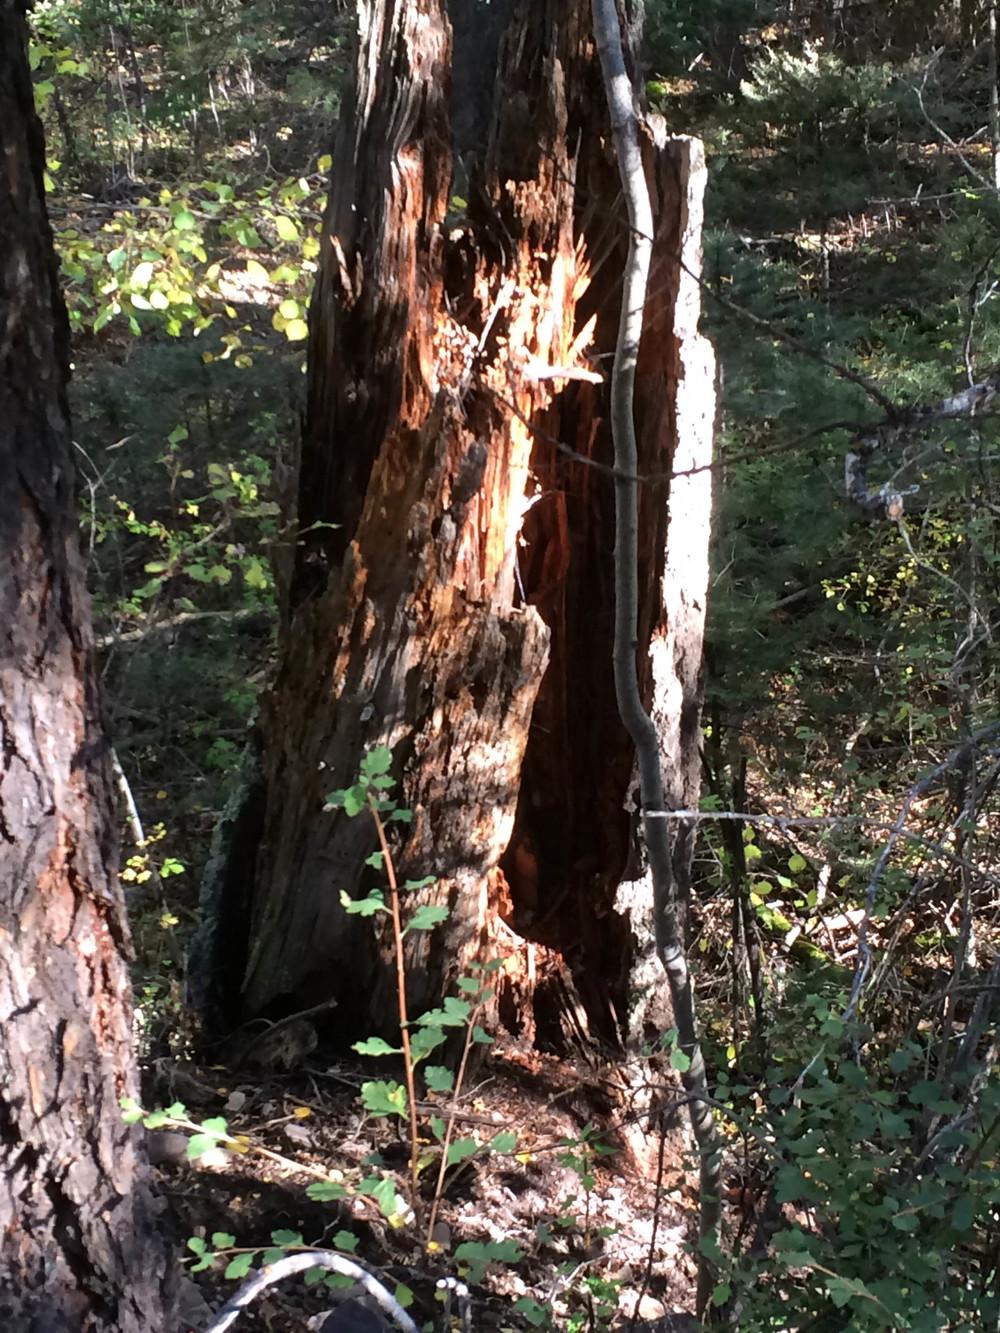 10-2-14 n.crestone trail 1-17-2.jpg